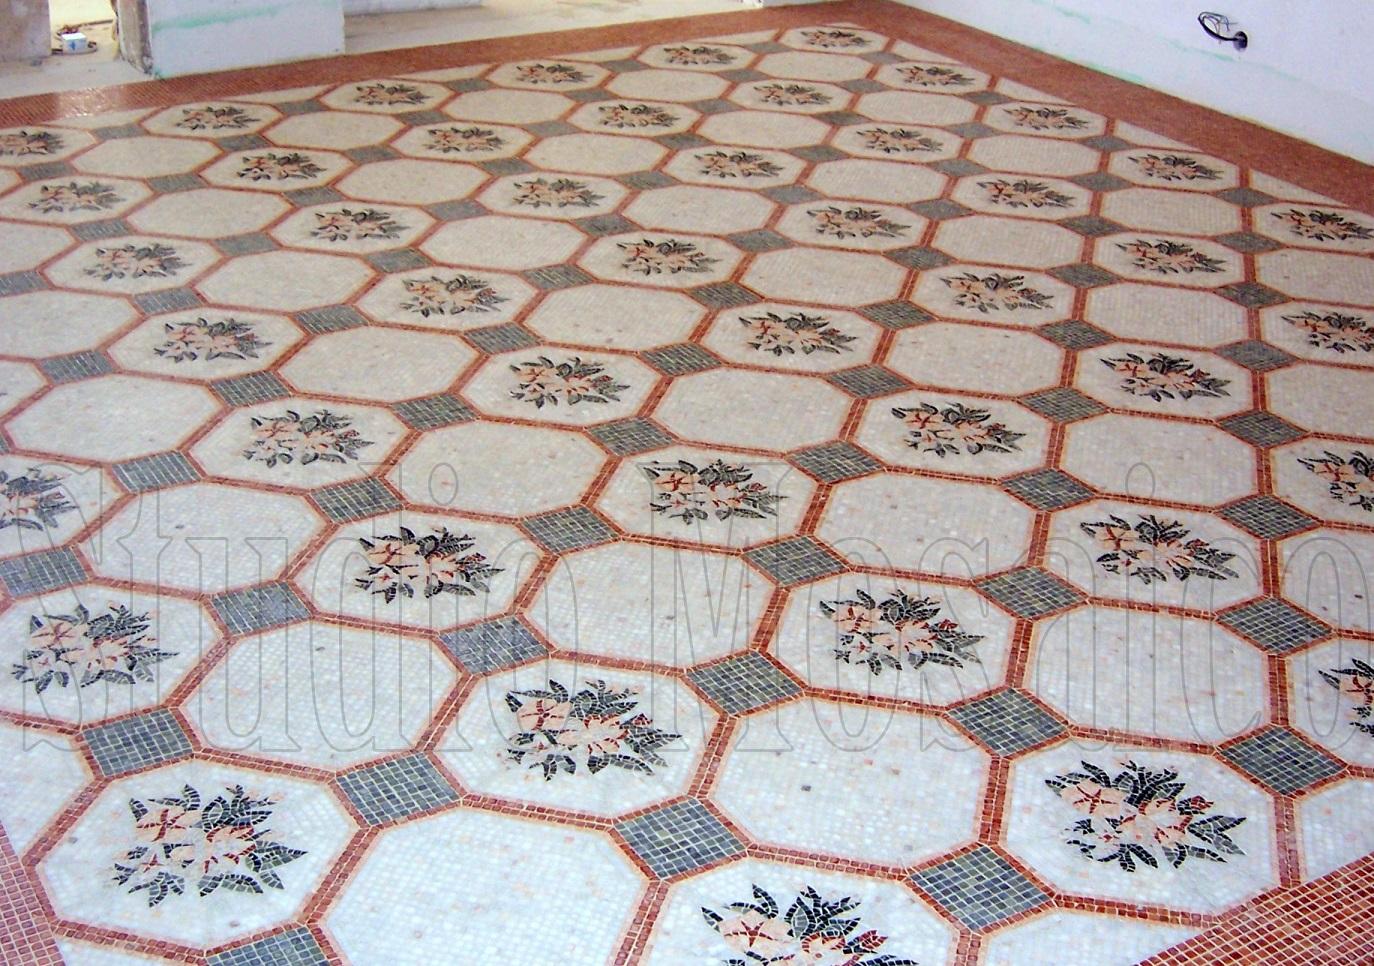 Mosaico Come Si Realizza mosaico archivi -